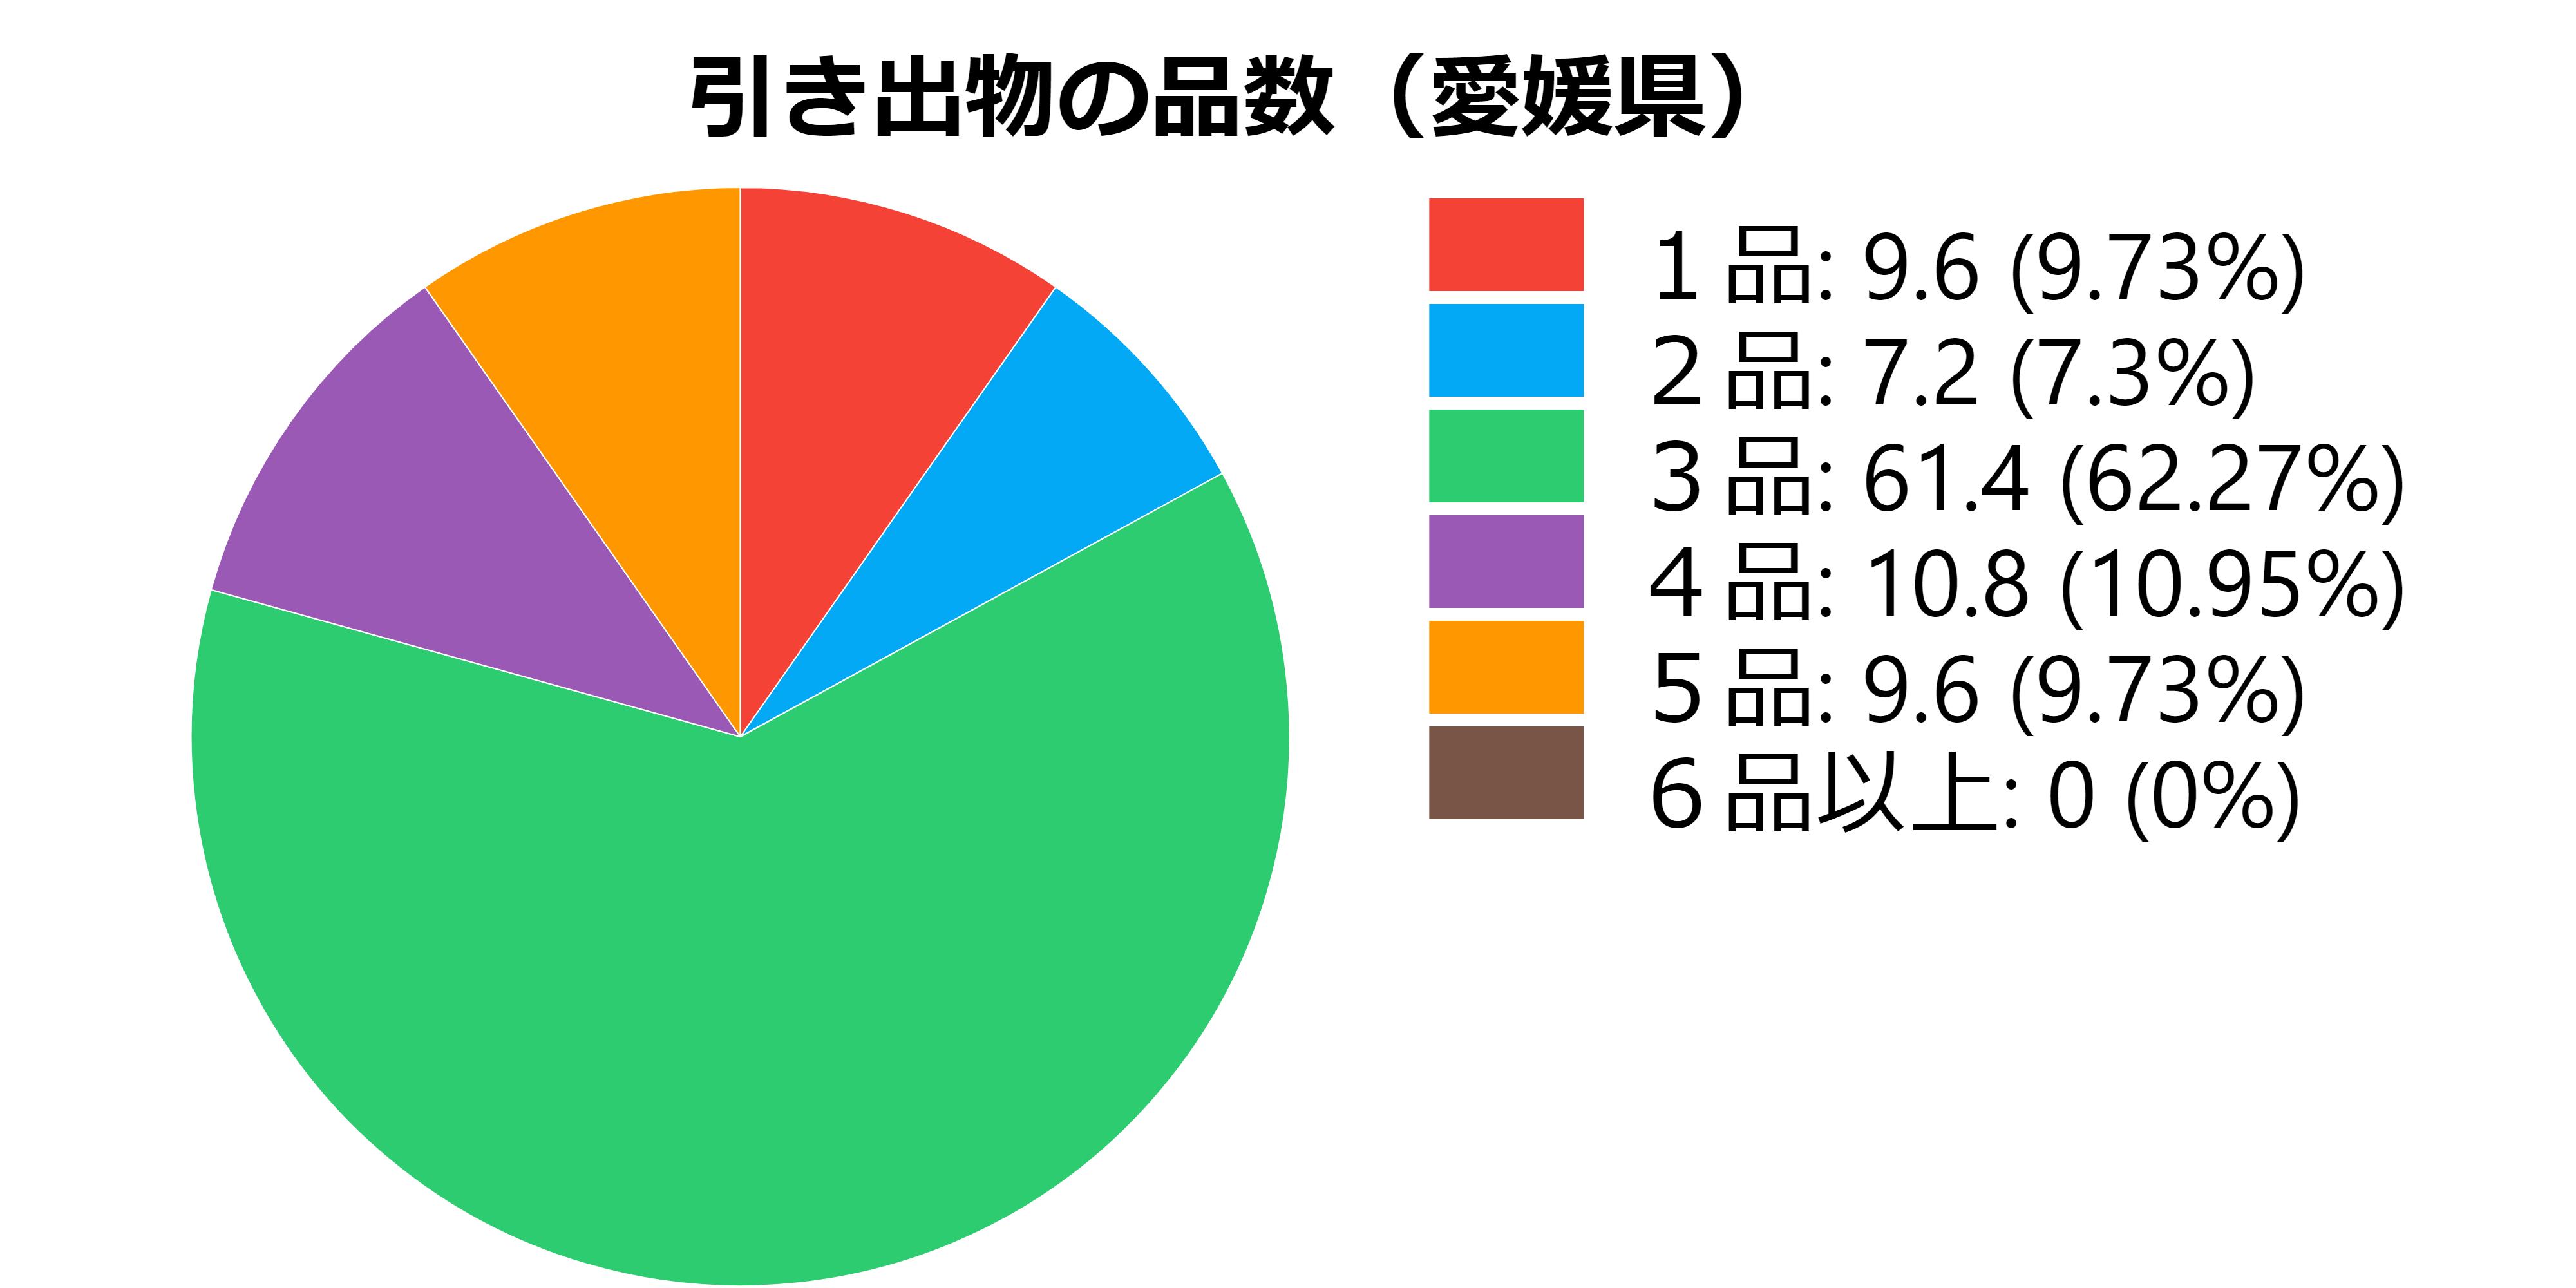 品数(愛媛県)